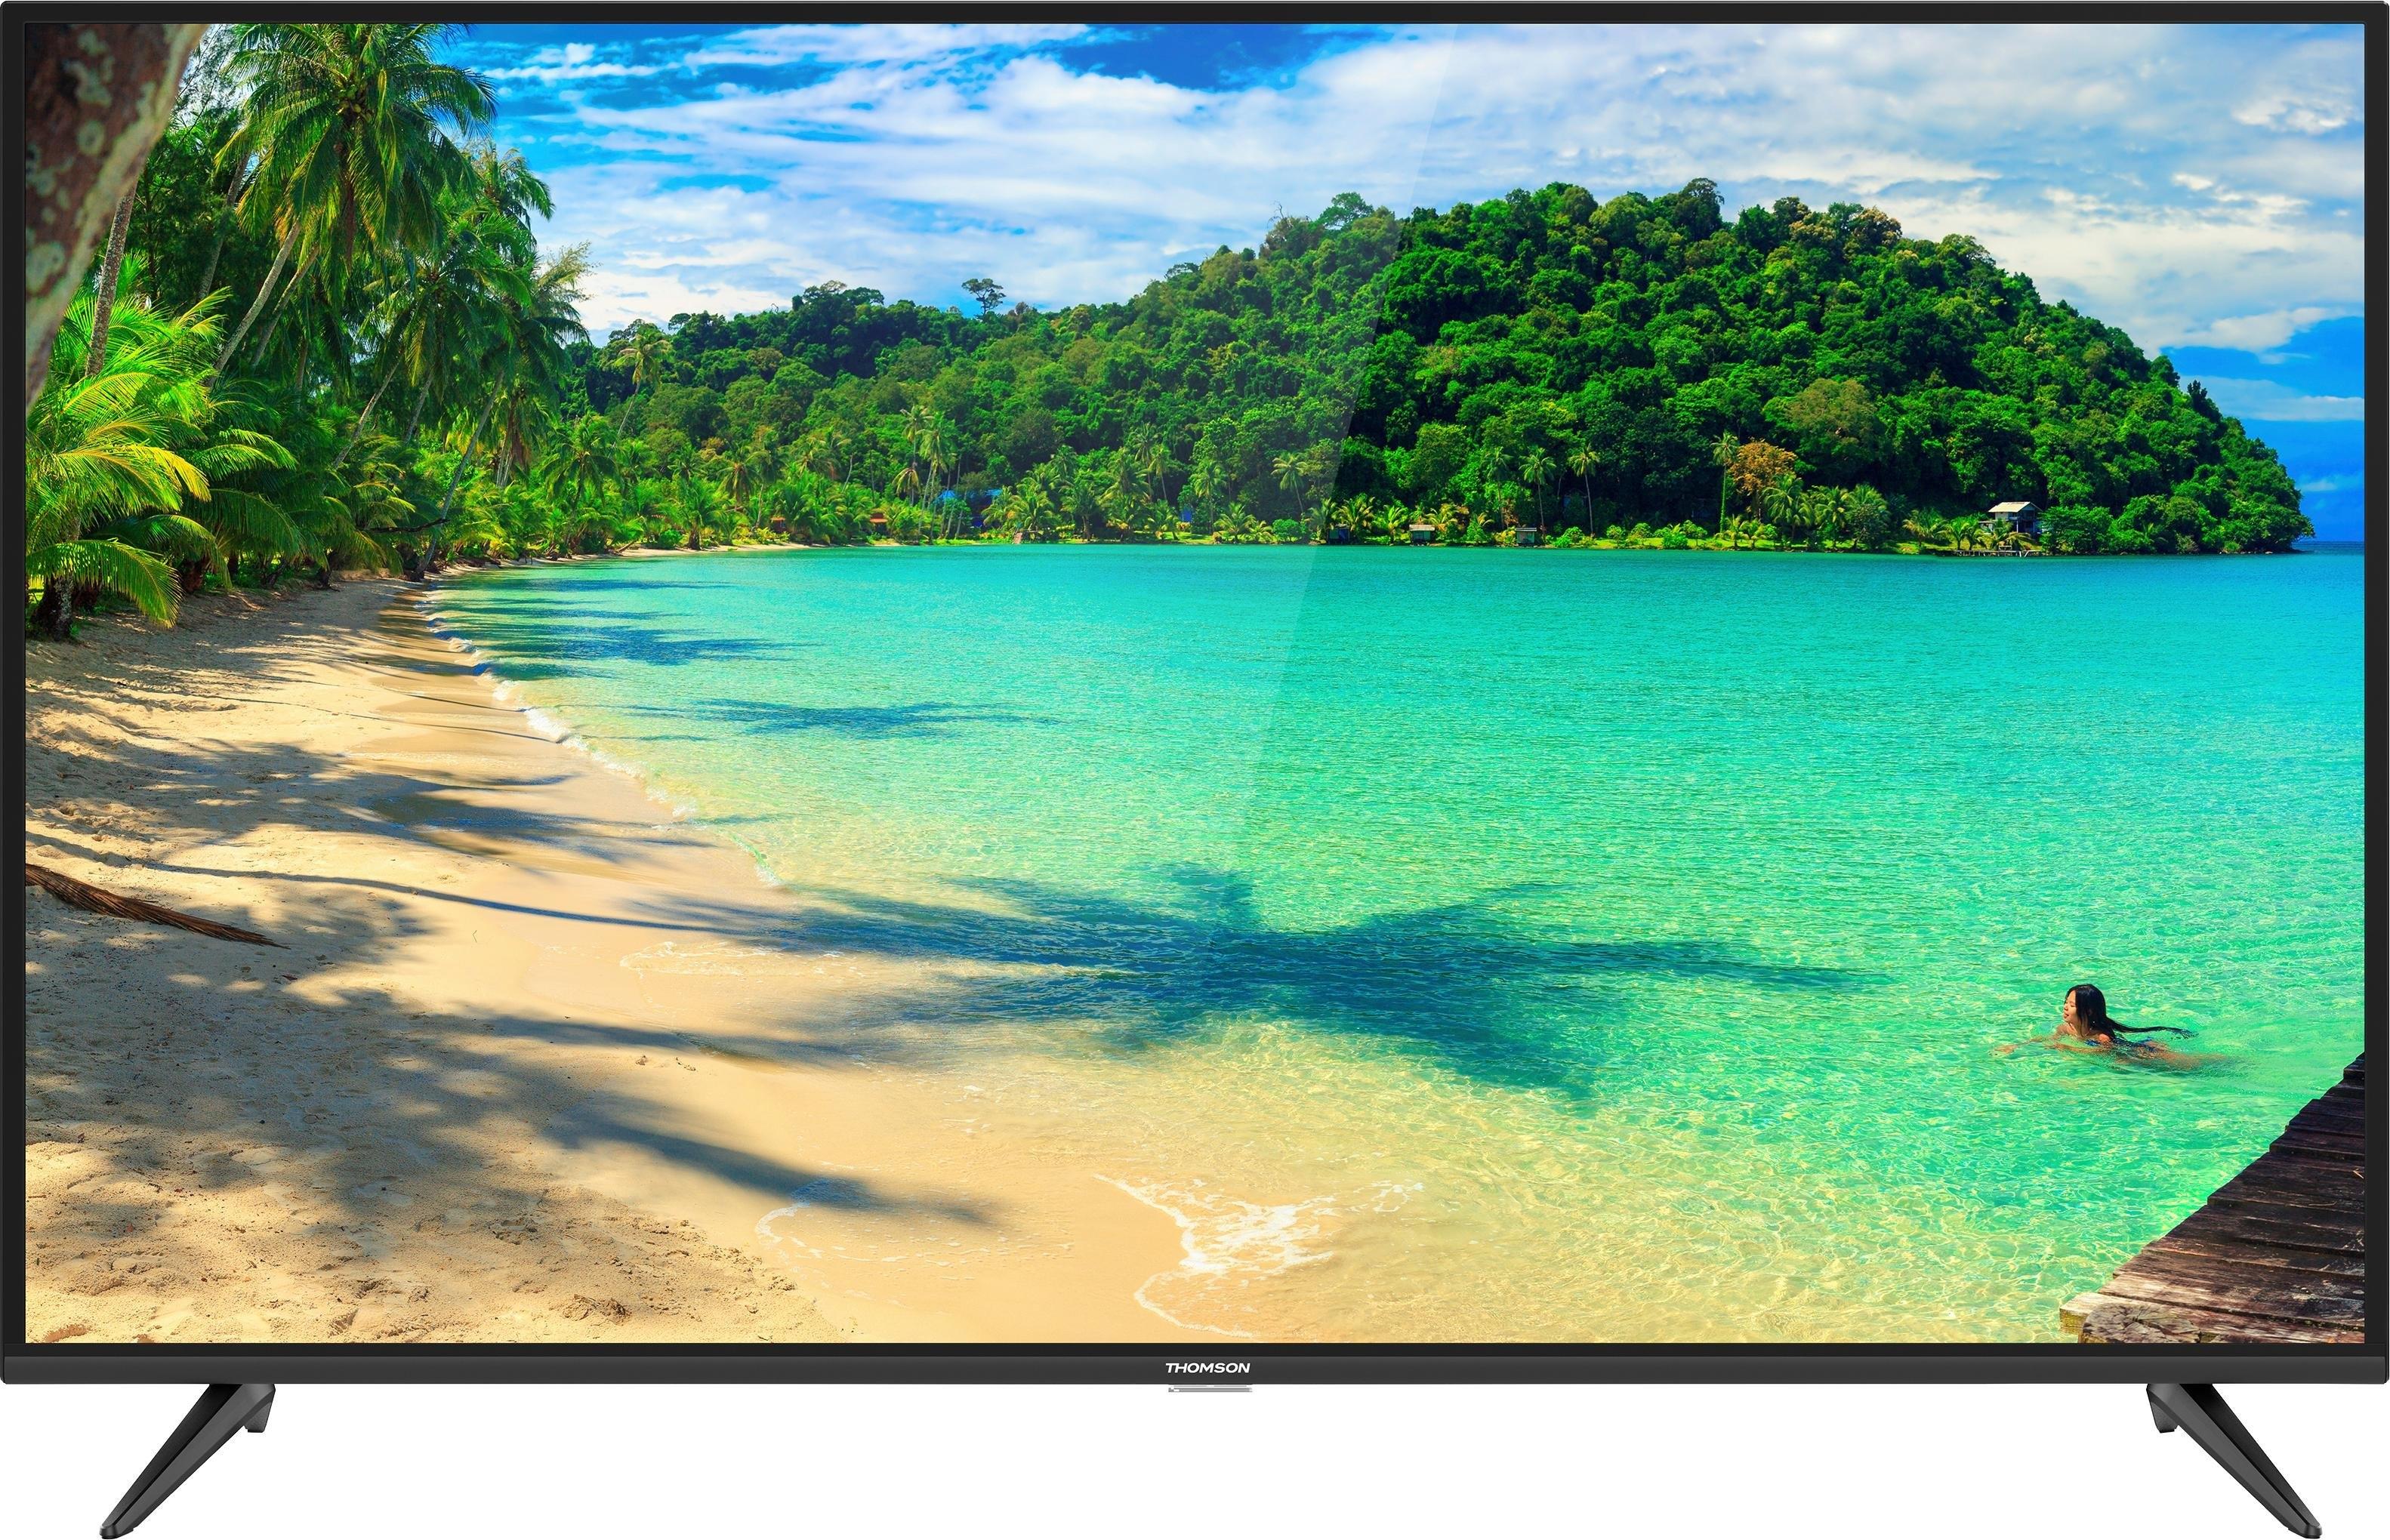 Thomson 55UD6326 led-tv (55 inch), 4K Ultra HD, smart-tv voordelig en veilig online kopen